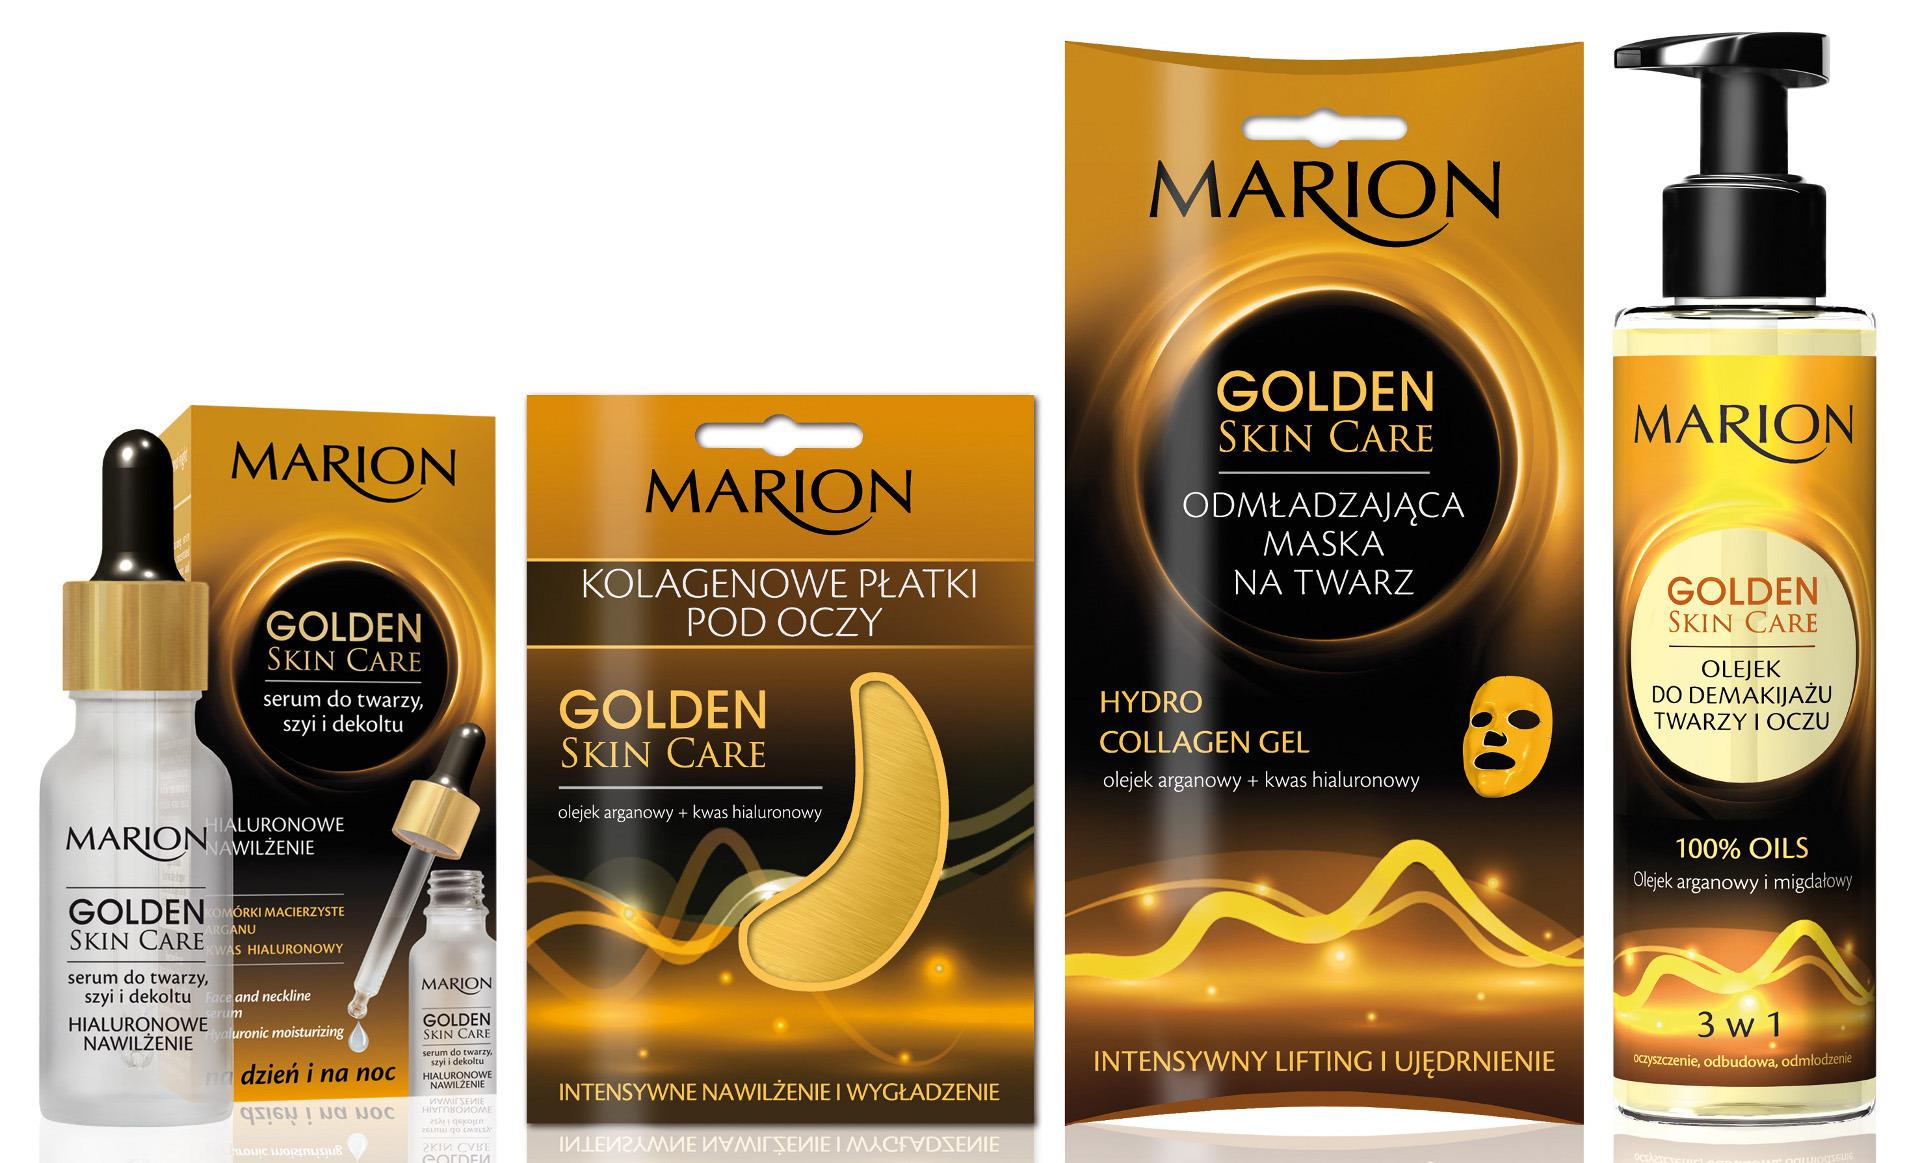 Płatki kolagenowe Marion Golden Skin Care – zapowiedź testu